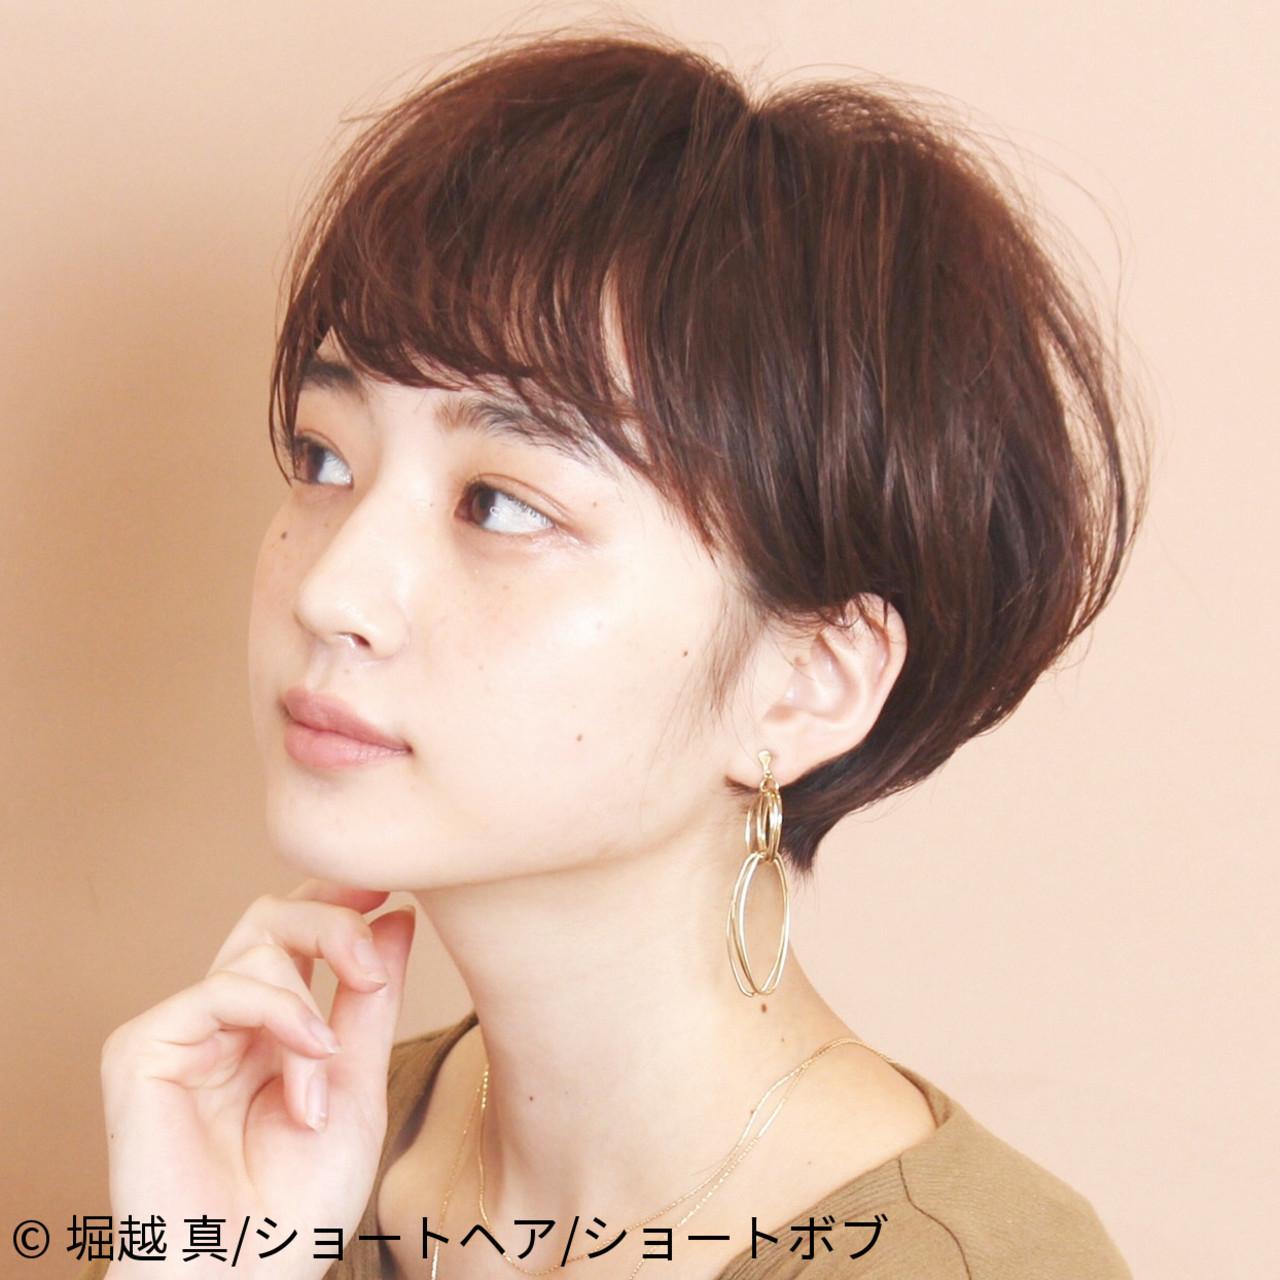 【40代女性】大人の魅力を引き出すボブスタイル&アレンジカタログ